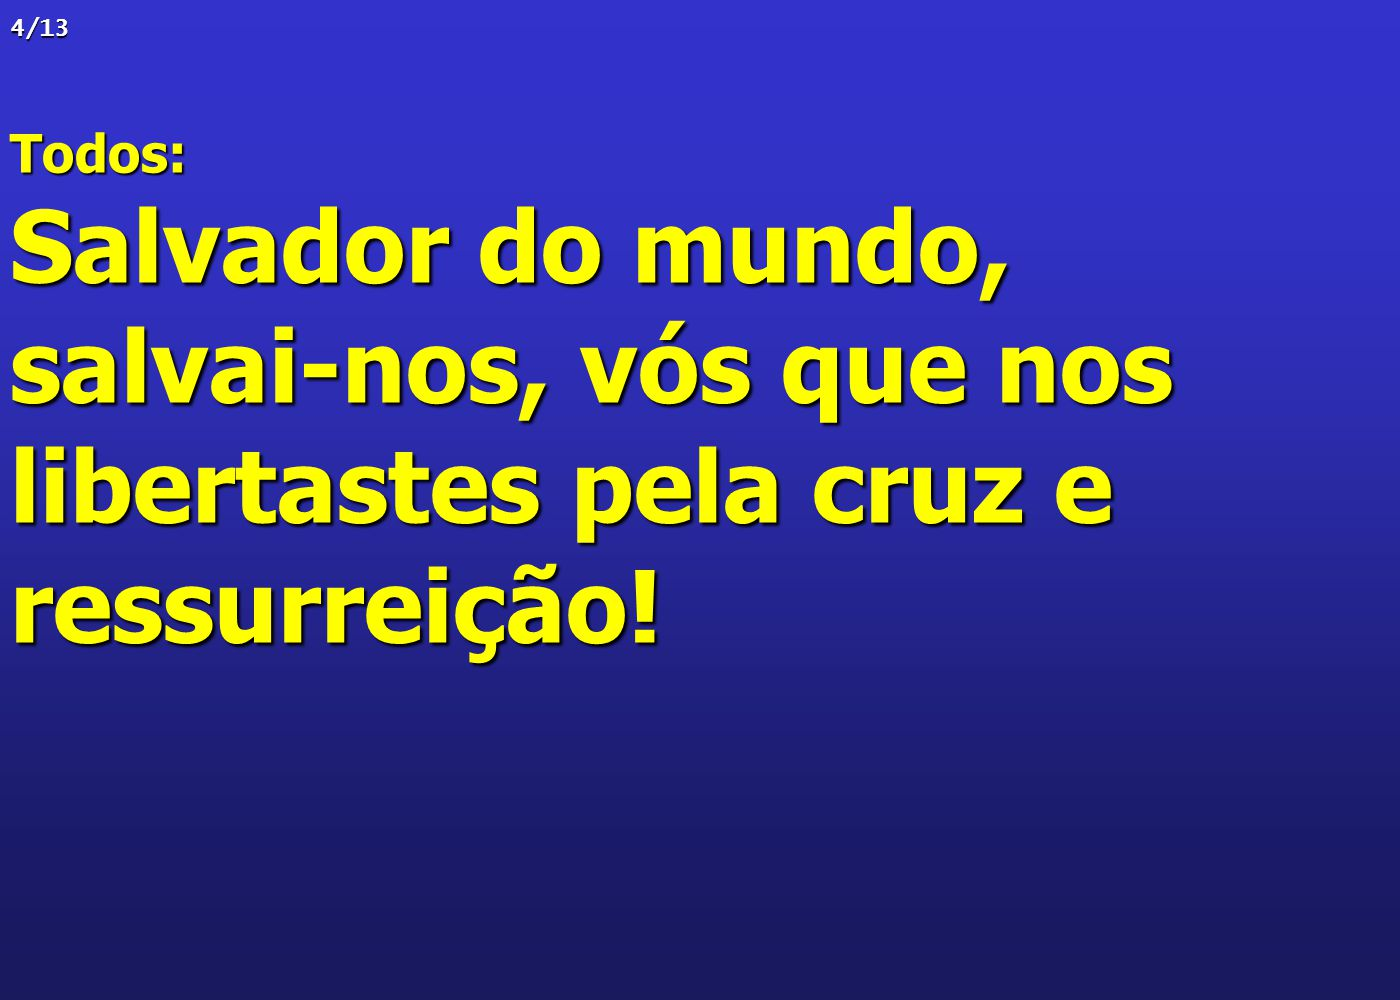 salvai-nos, vós que nos libertastes pela cruz e ressurreição!